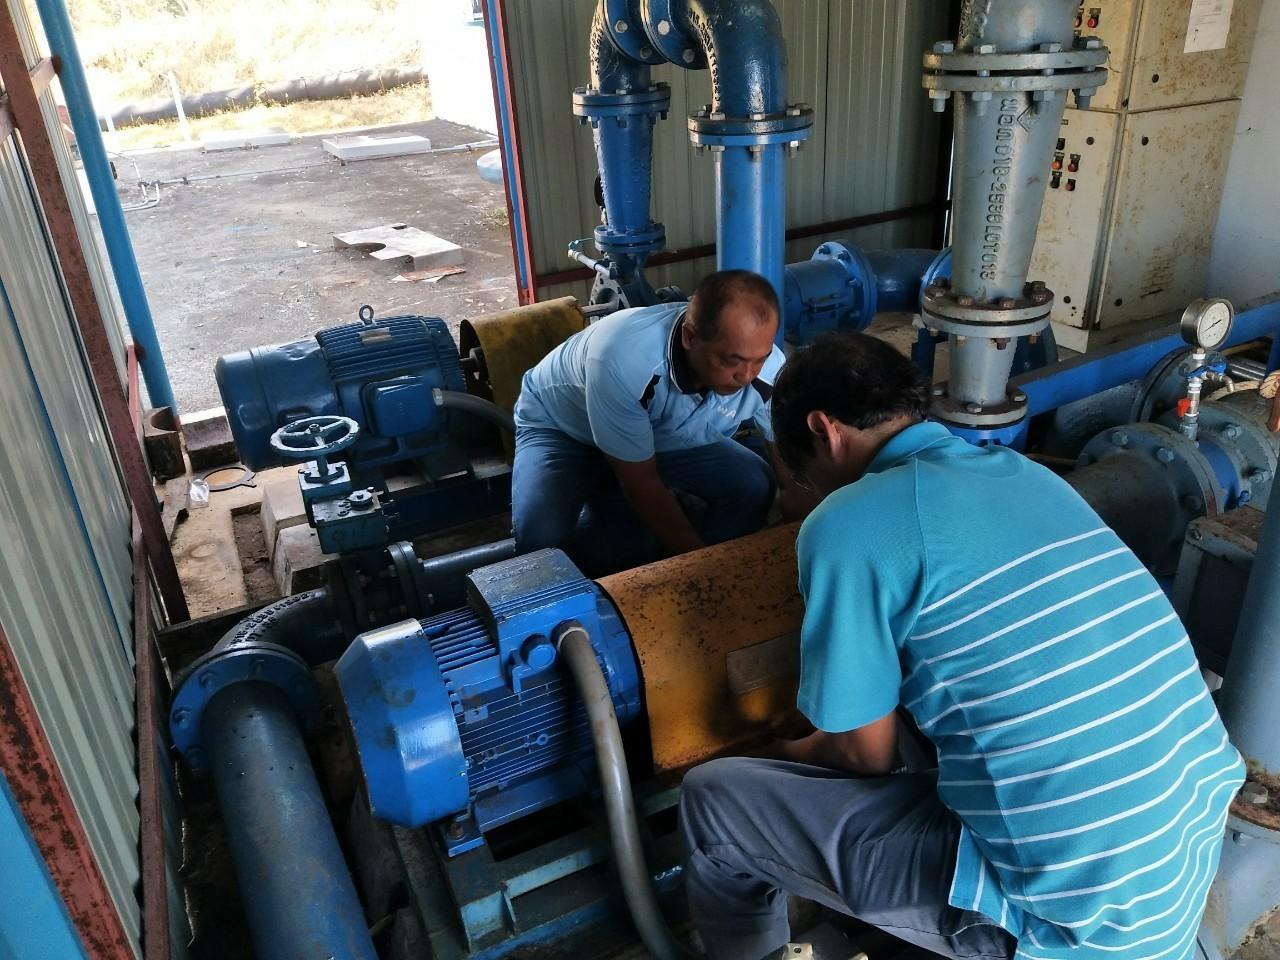 กปภ.สาขาคลองใหญ่ ดำเนินการล้างถังตกตะกอน ประจำเดือน มกราคม 2563 ณ สถานีผลิตน้ำบางอิน อ.คลองใหญ่ จ.ตราด